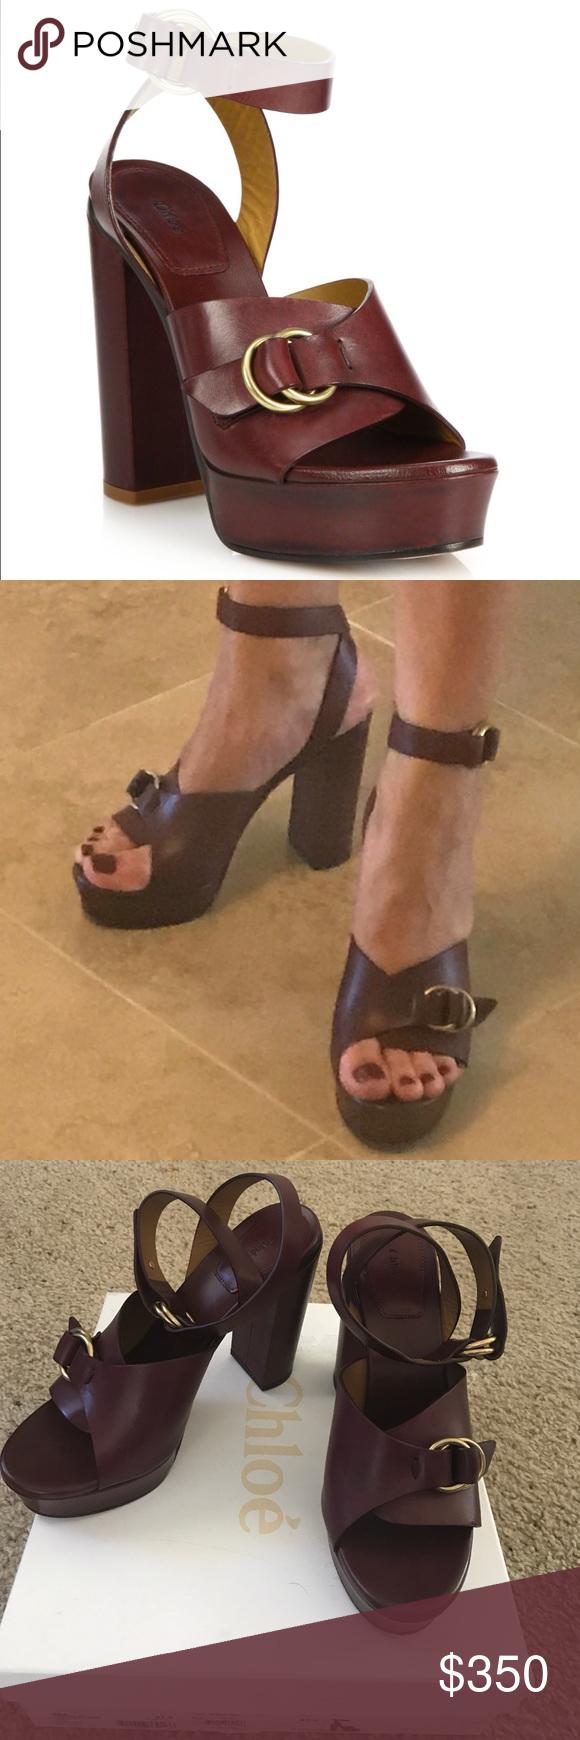 3b852dd3d1b Chloe Kingsley Platform Leather Sandals 👡70 s inspired platforms ...